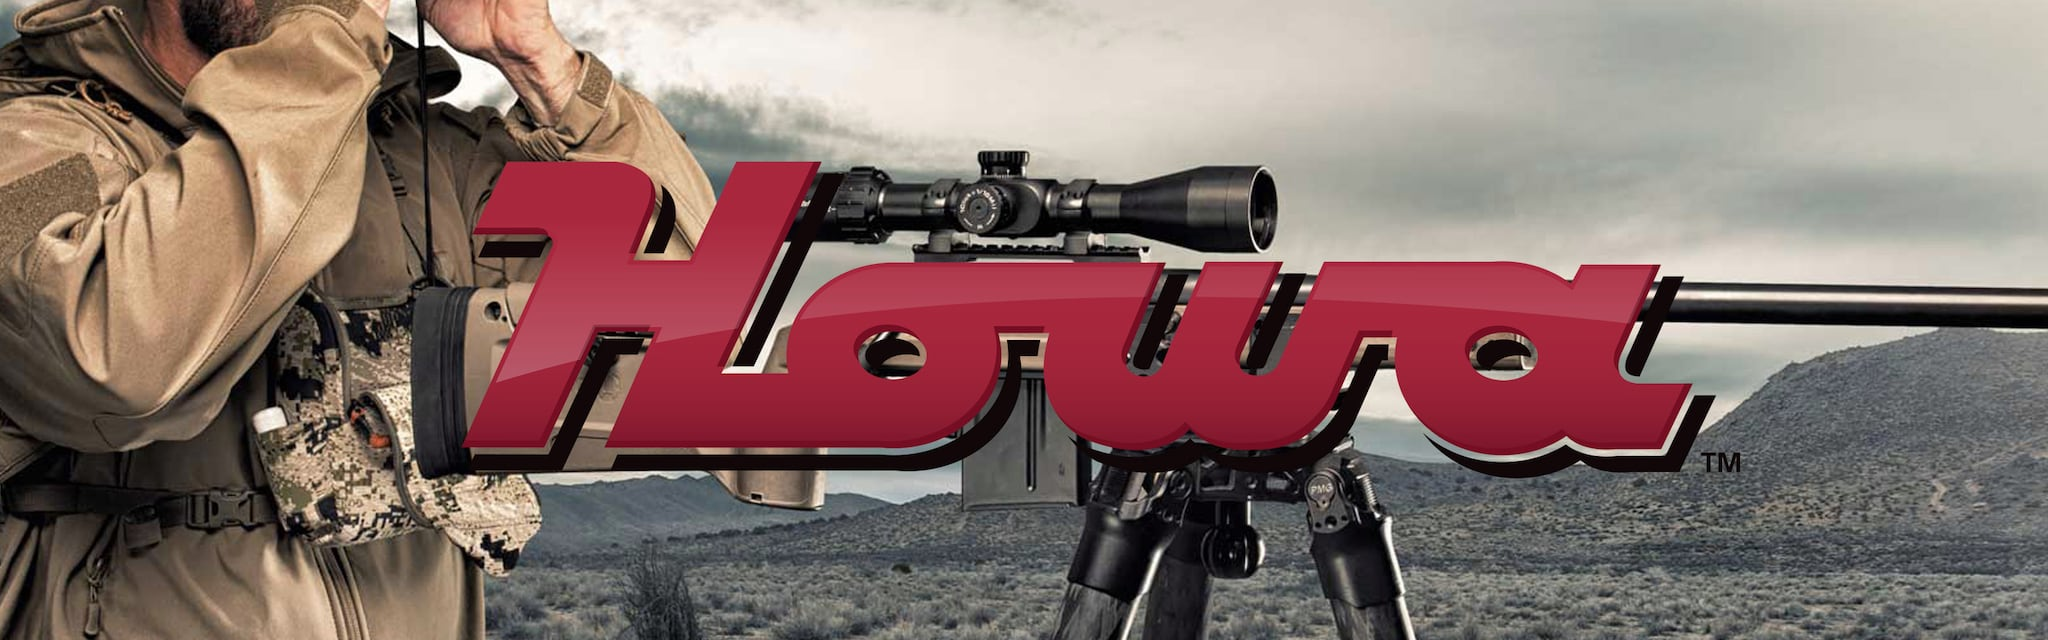 howa brand banner